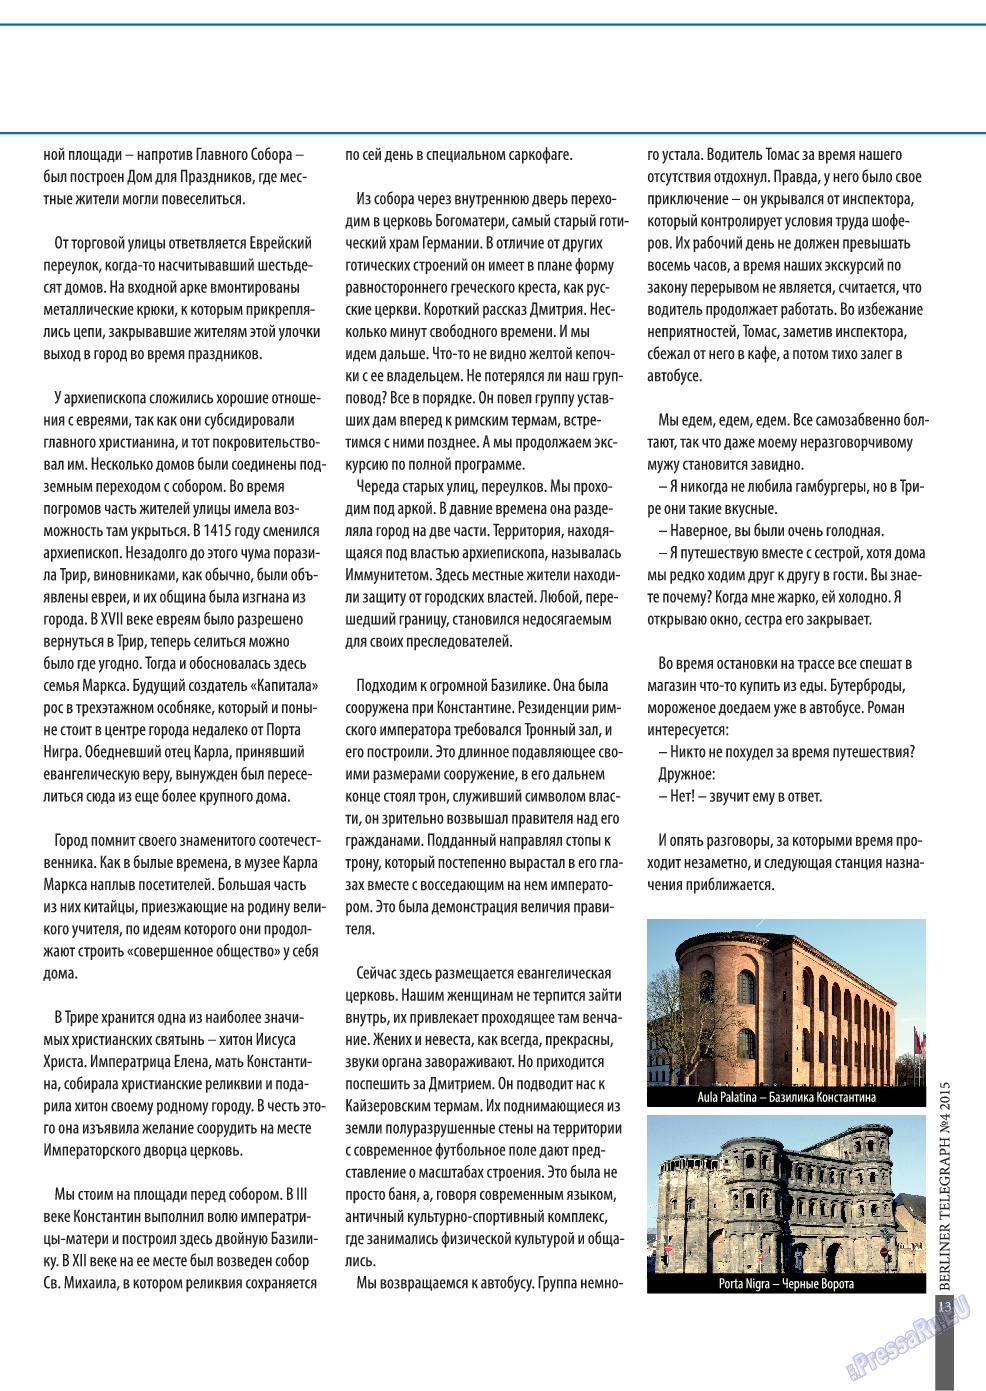 Берлинский телеграф (журнал). 2015 год, номер 4, стр. 13